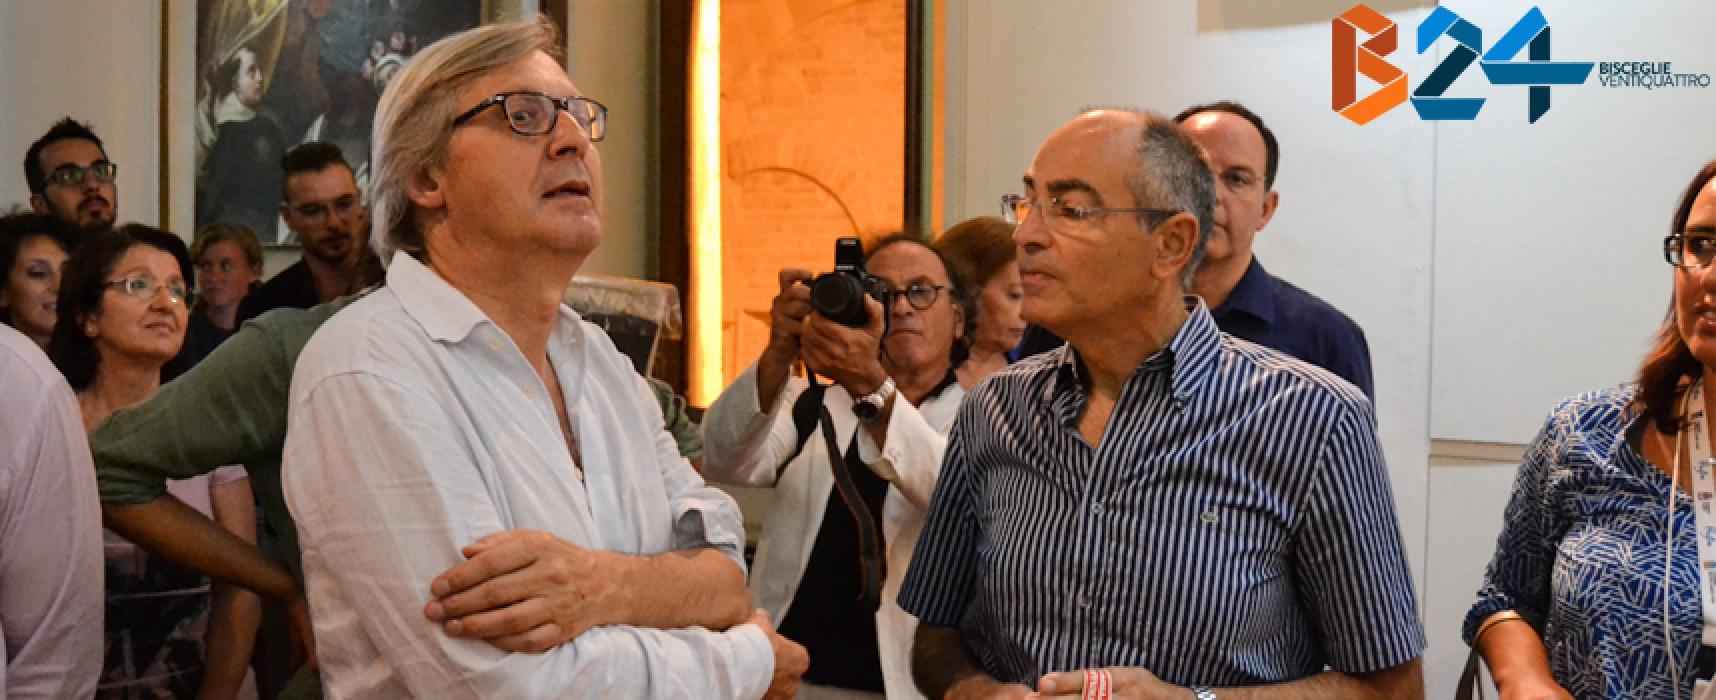 Vittorio Sgarbi in visita al museo diocesano di Bisceglie: tutte le FOTO